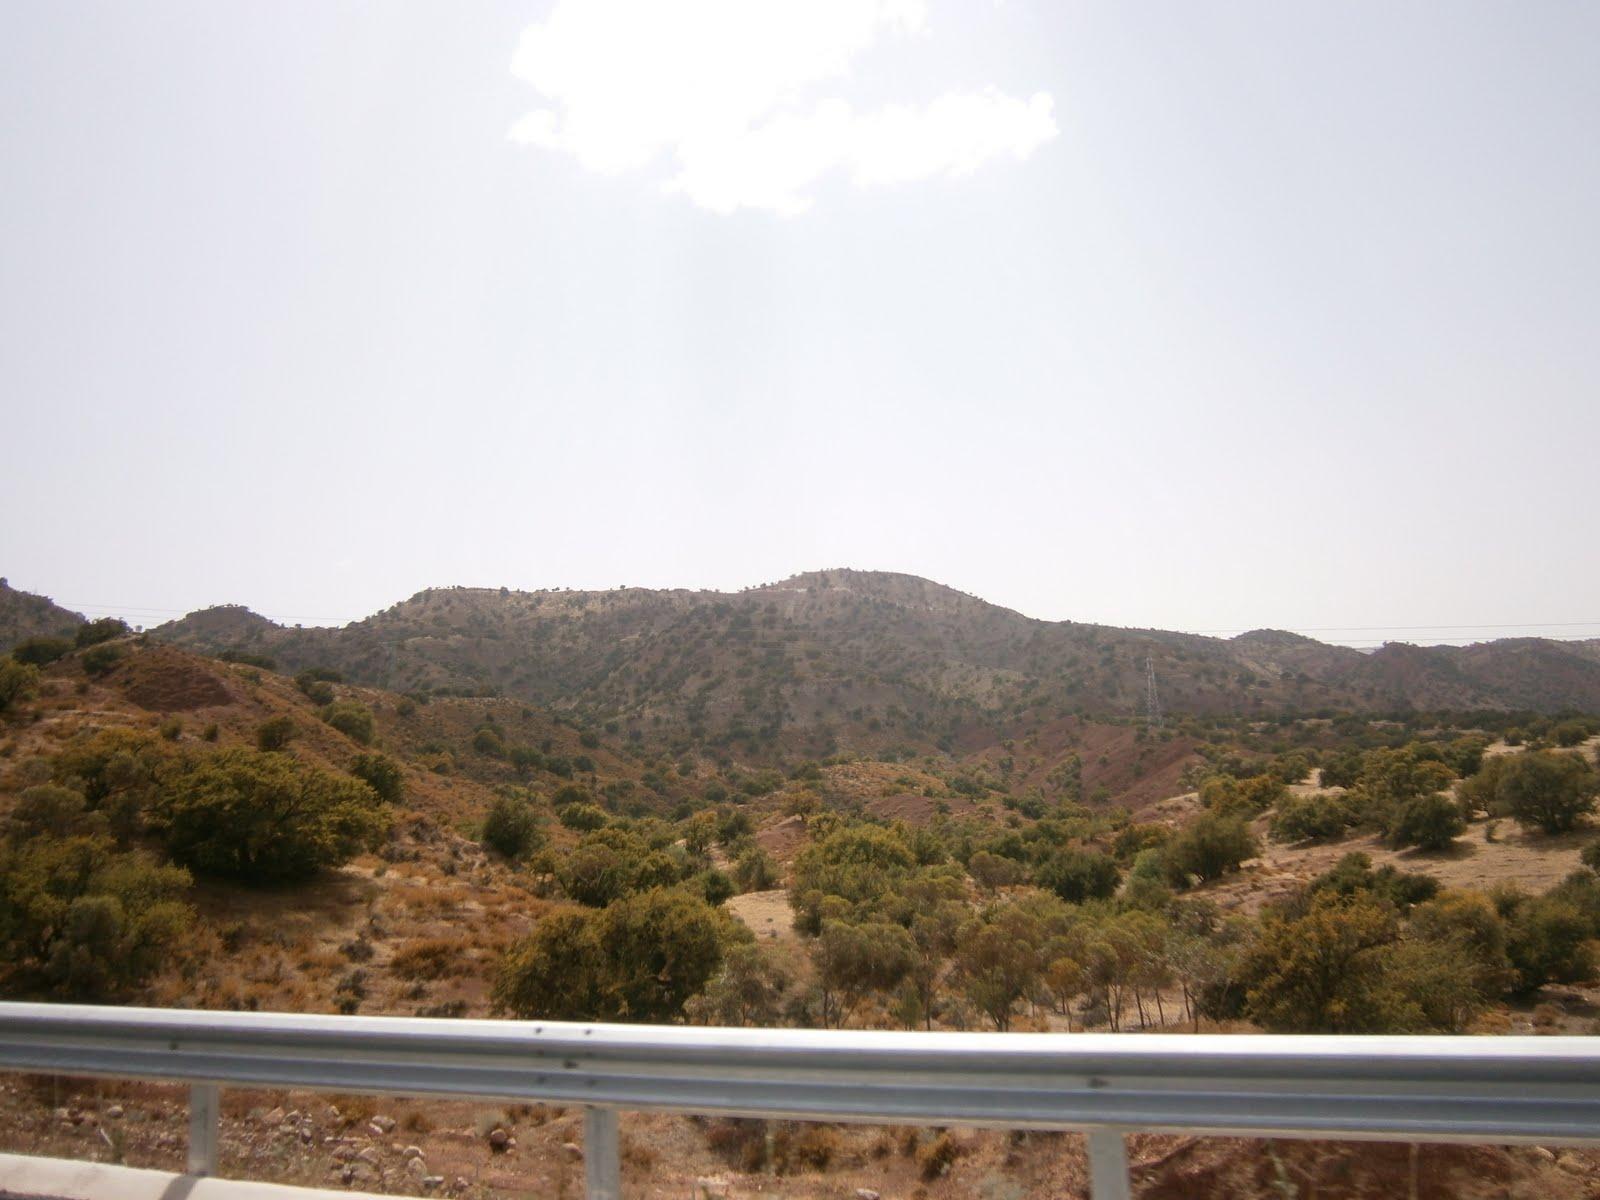 paysages et coins  u00e0 visiter au maroc  vue et paysage sur l